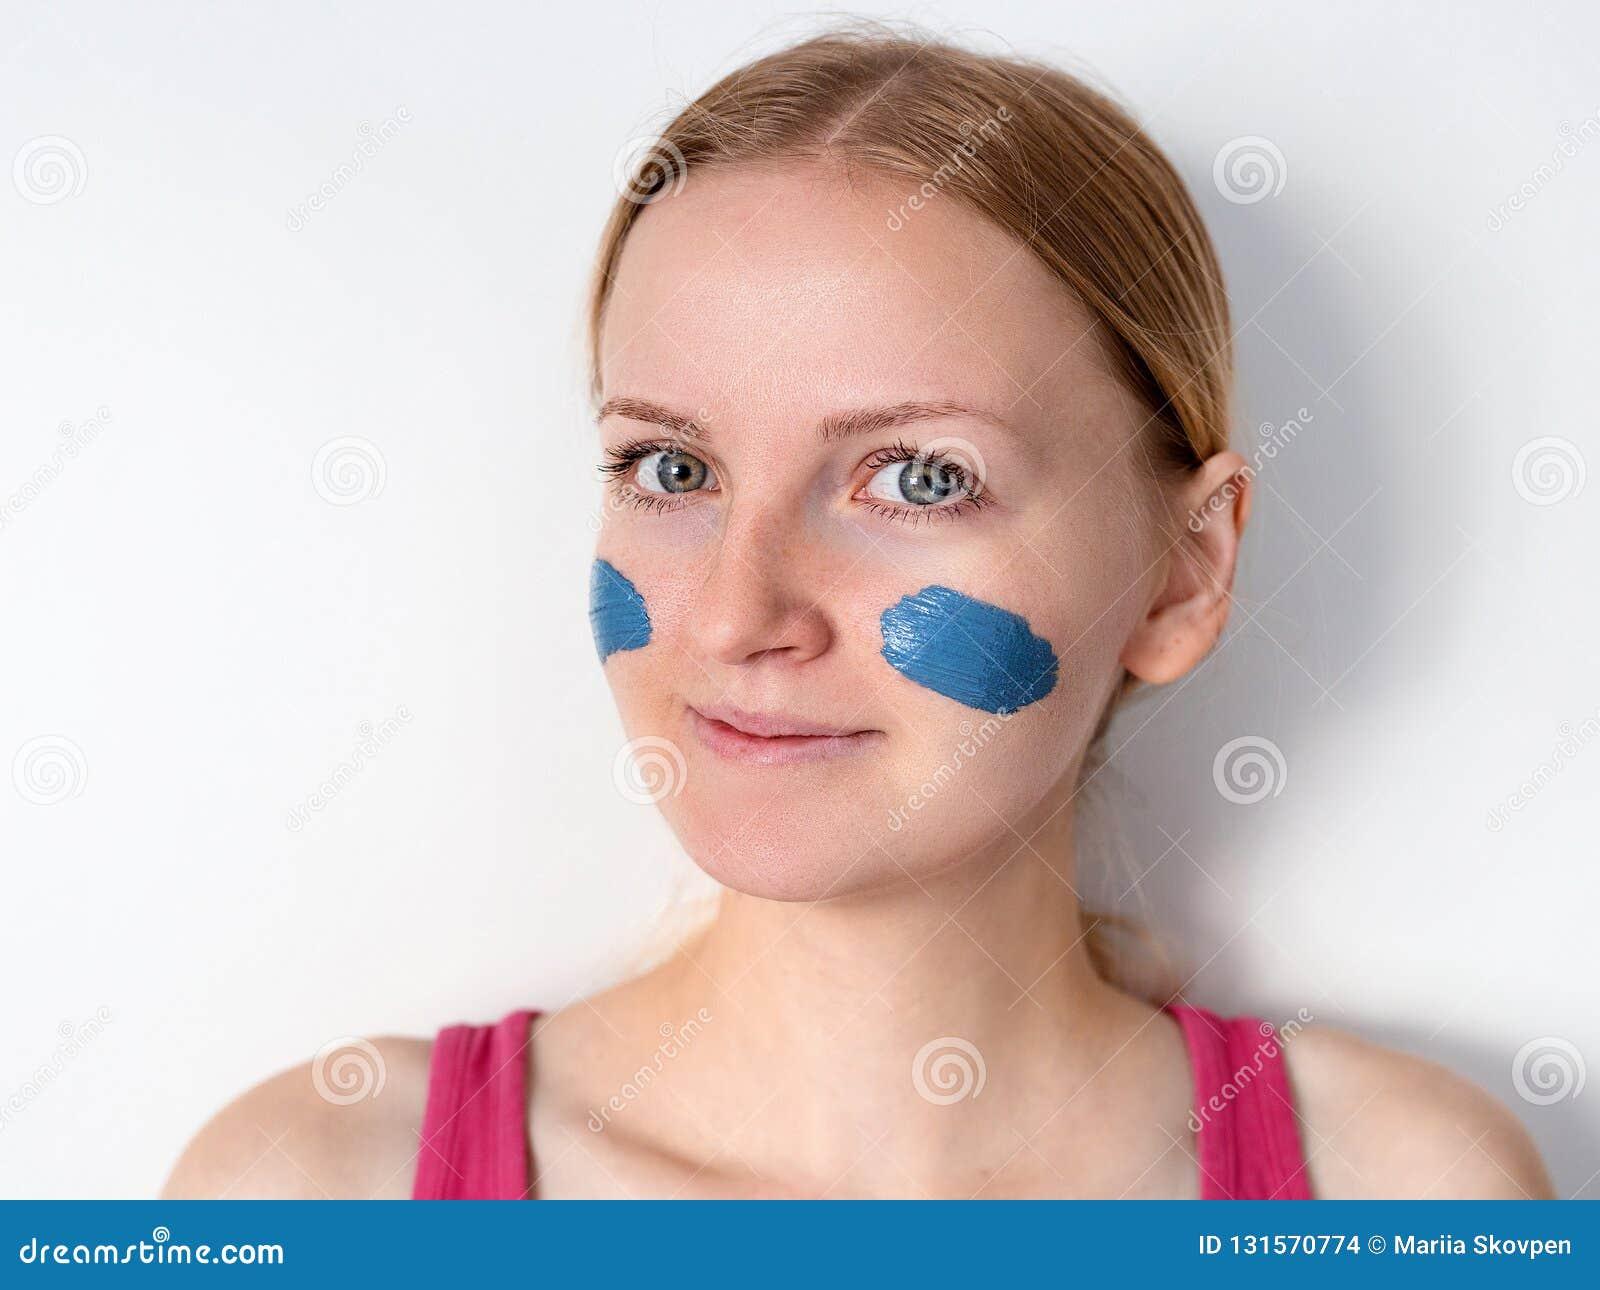 Piękna blondynki kobieta ma błękitną glinianą twarzową maskę stosuje beautician dziewczyna z maską na policzki jest uśmiechnięta